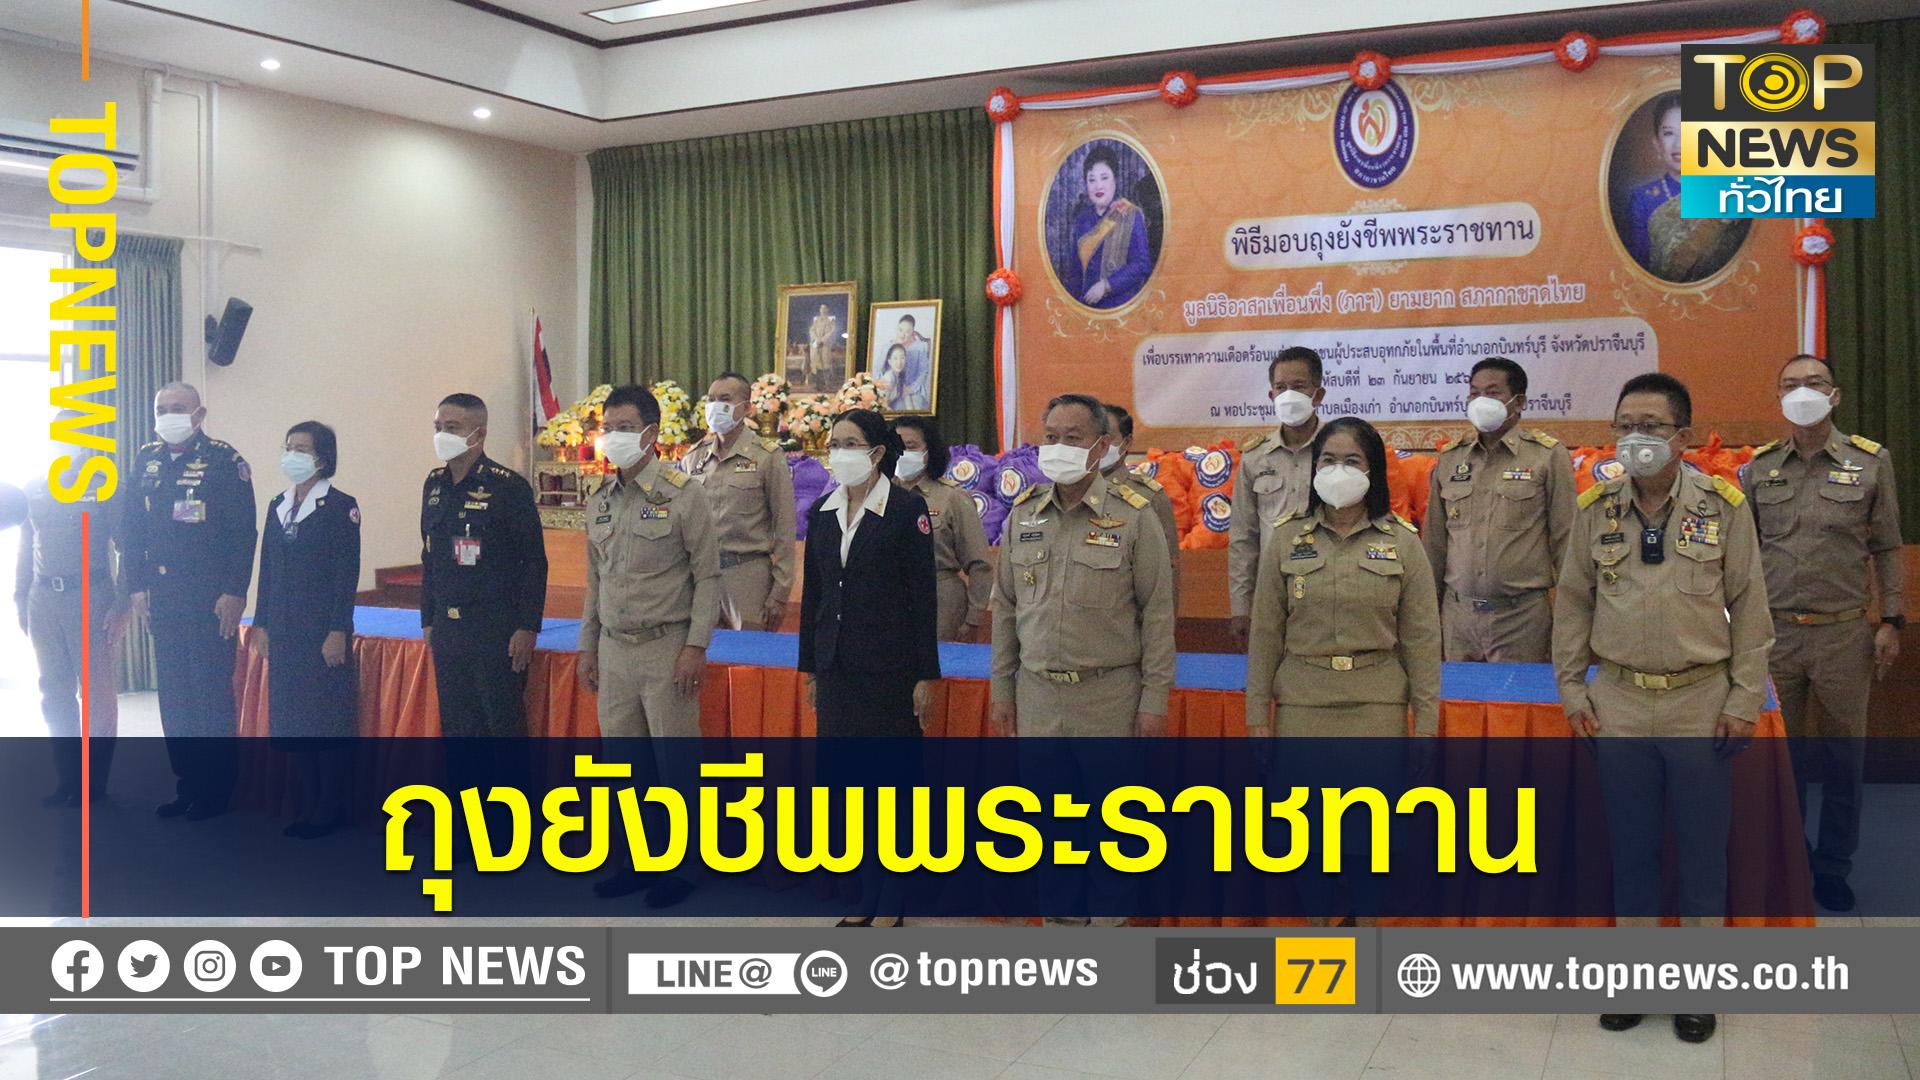 มูลนิธิอาสาเพื่อนพึ่งพายามยากสภากาชาดไทยมอบถุงยังชีพพระราชทานปชช.ที่ประสบภัยน้ำท่วม